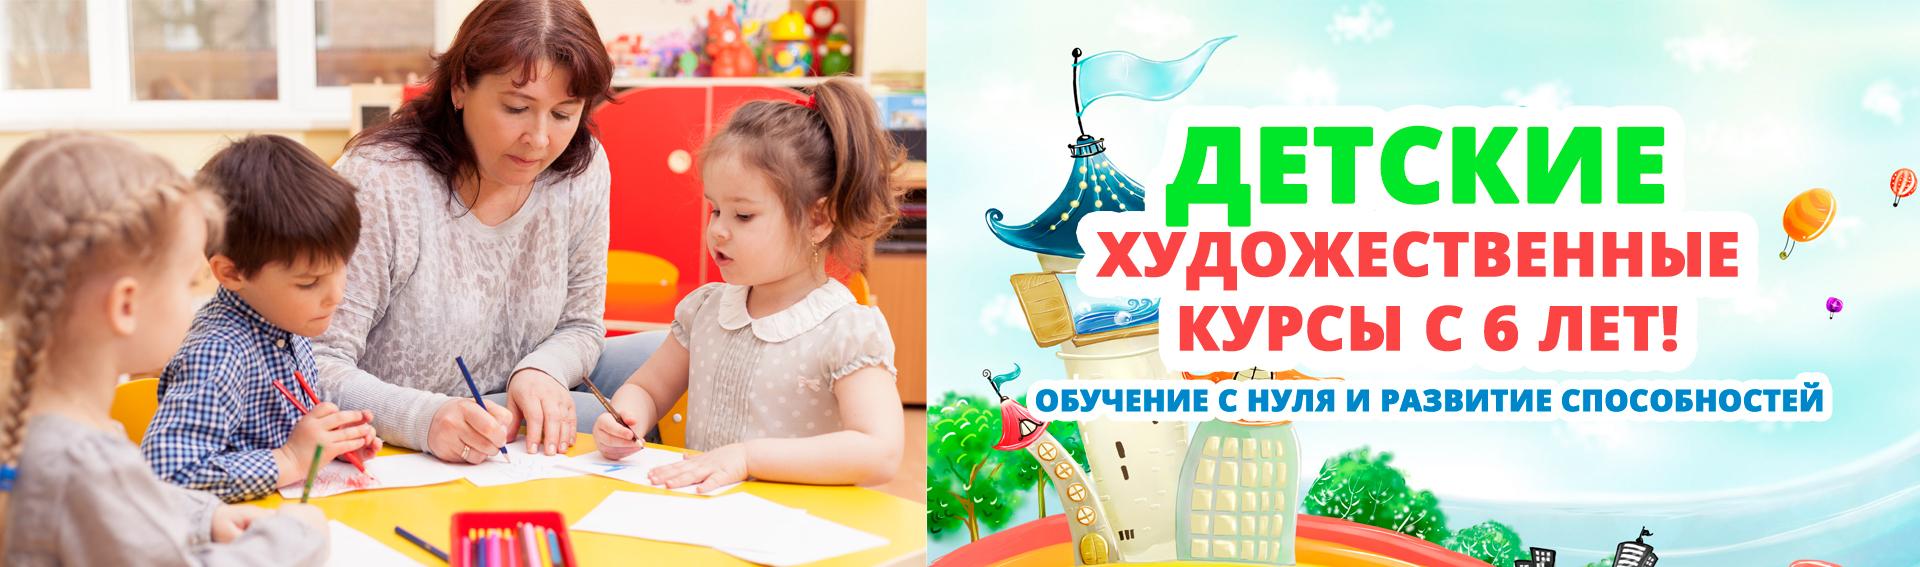 Детские курсы живописи